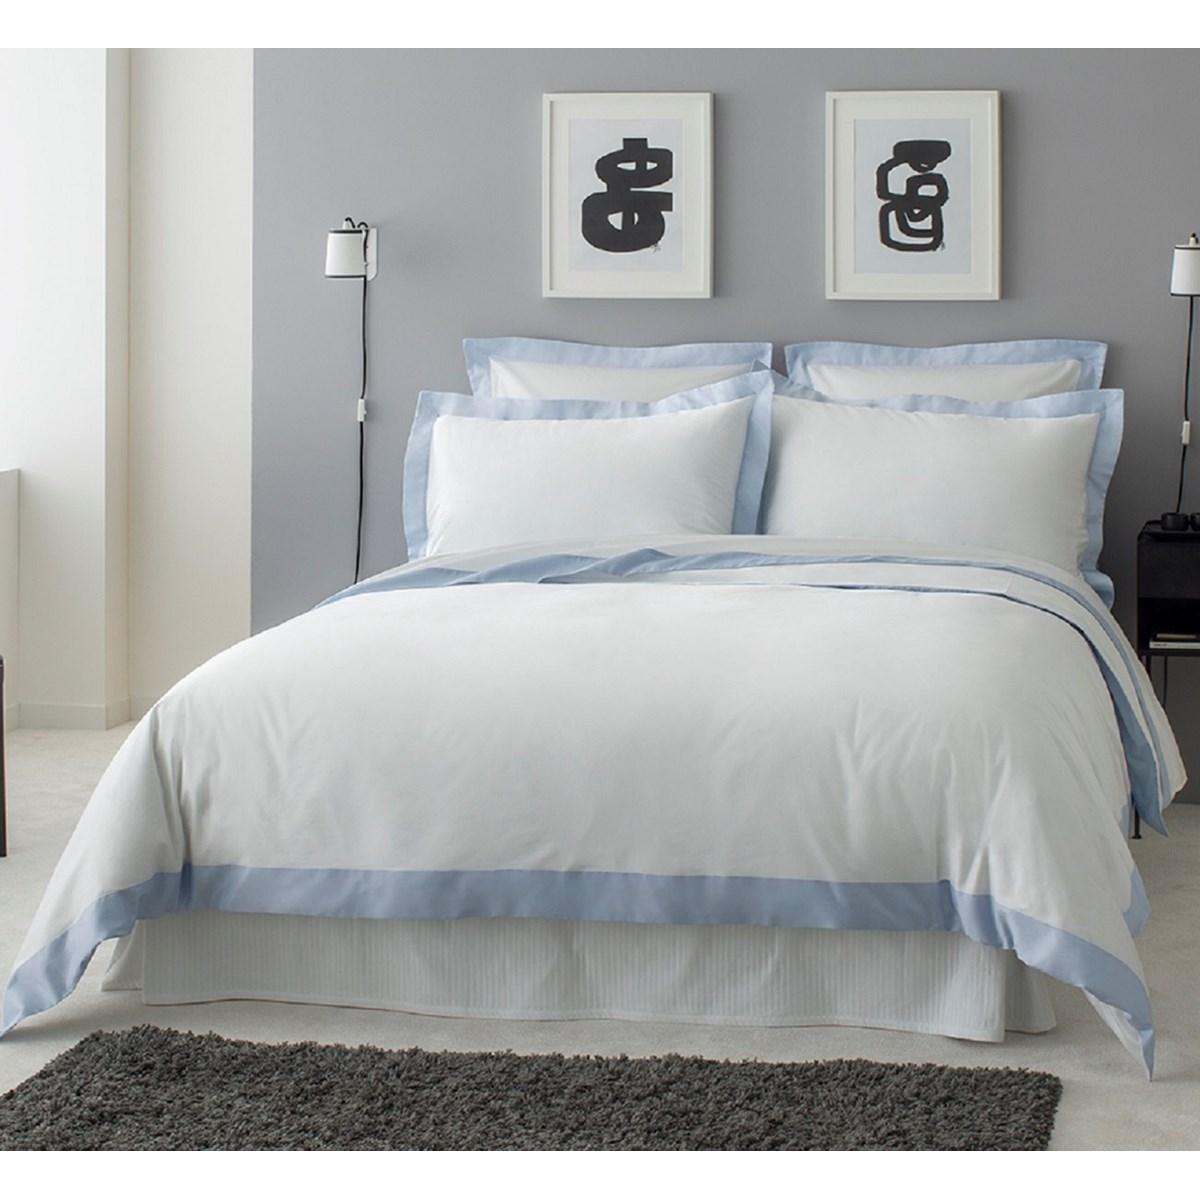 Drap plat luxe en Satin de coton Bleu ciel 240x310 cm